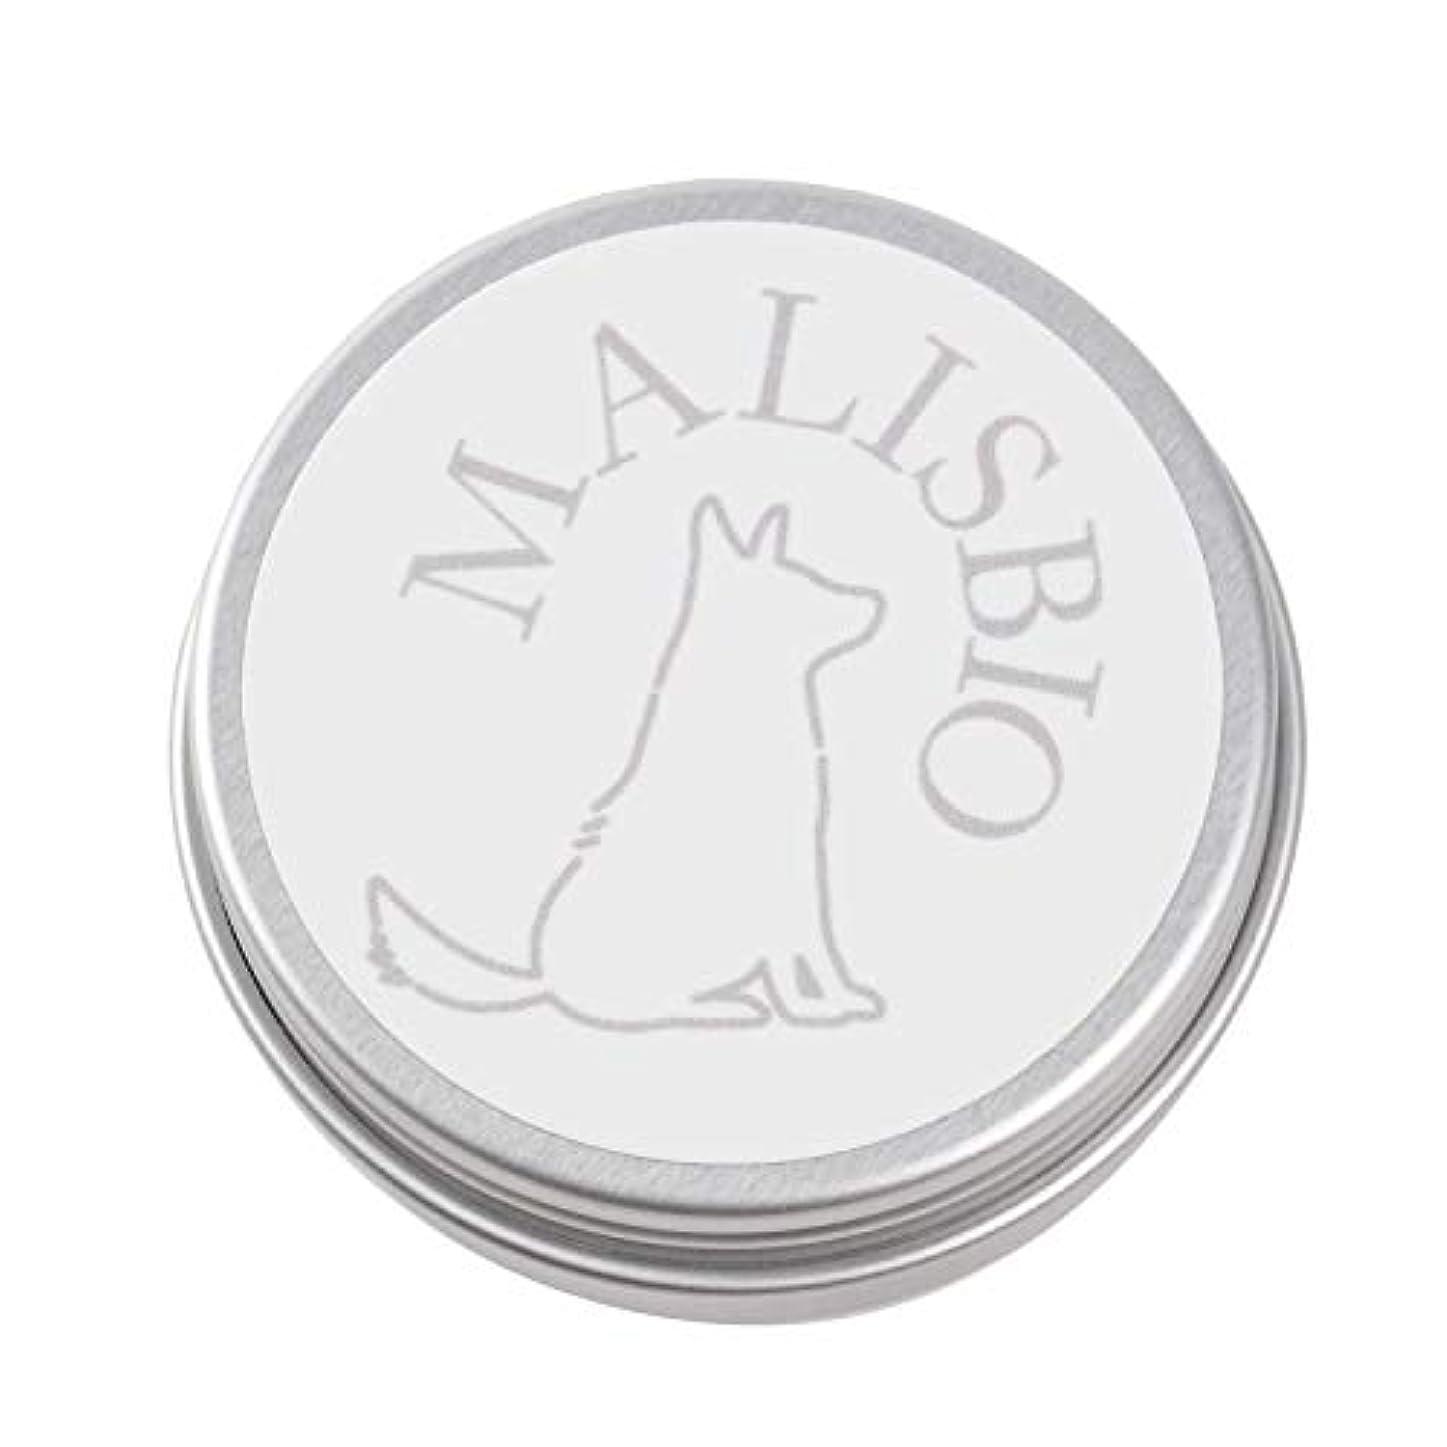 冷蔵庫感覚歯科医携帯ケース 20g MALIS マリス シアバター専用 <日本製> (20)